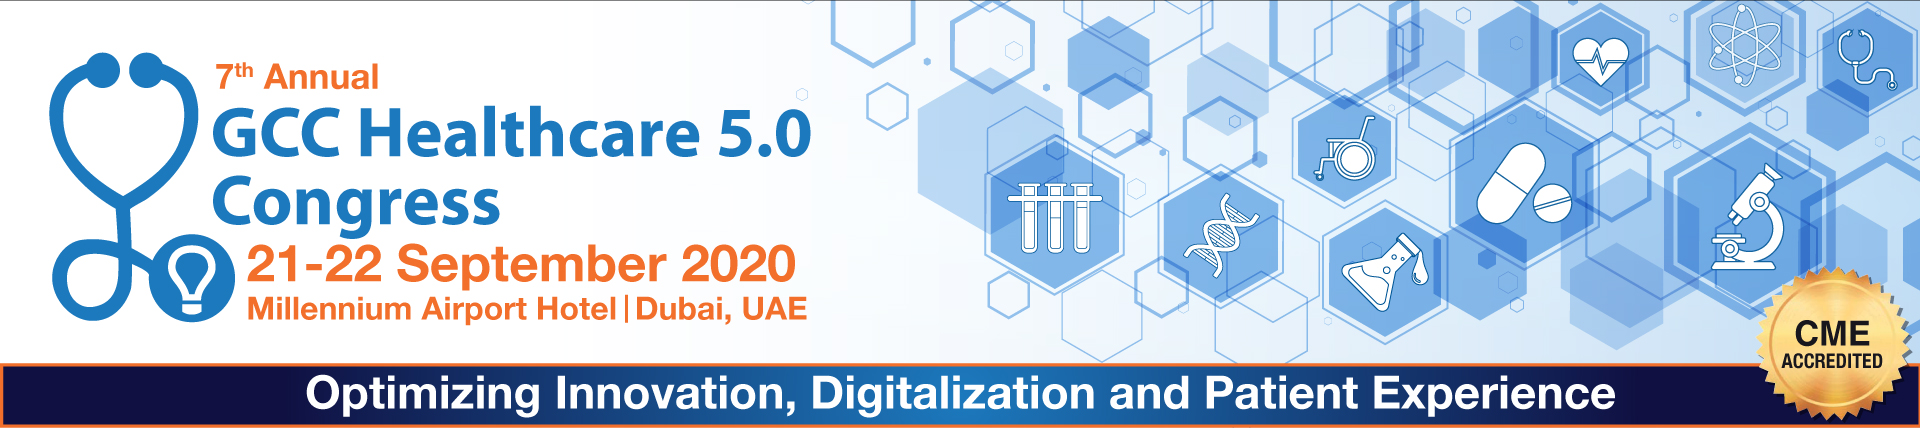 GCC Healthcare 5.0 Congress